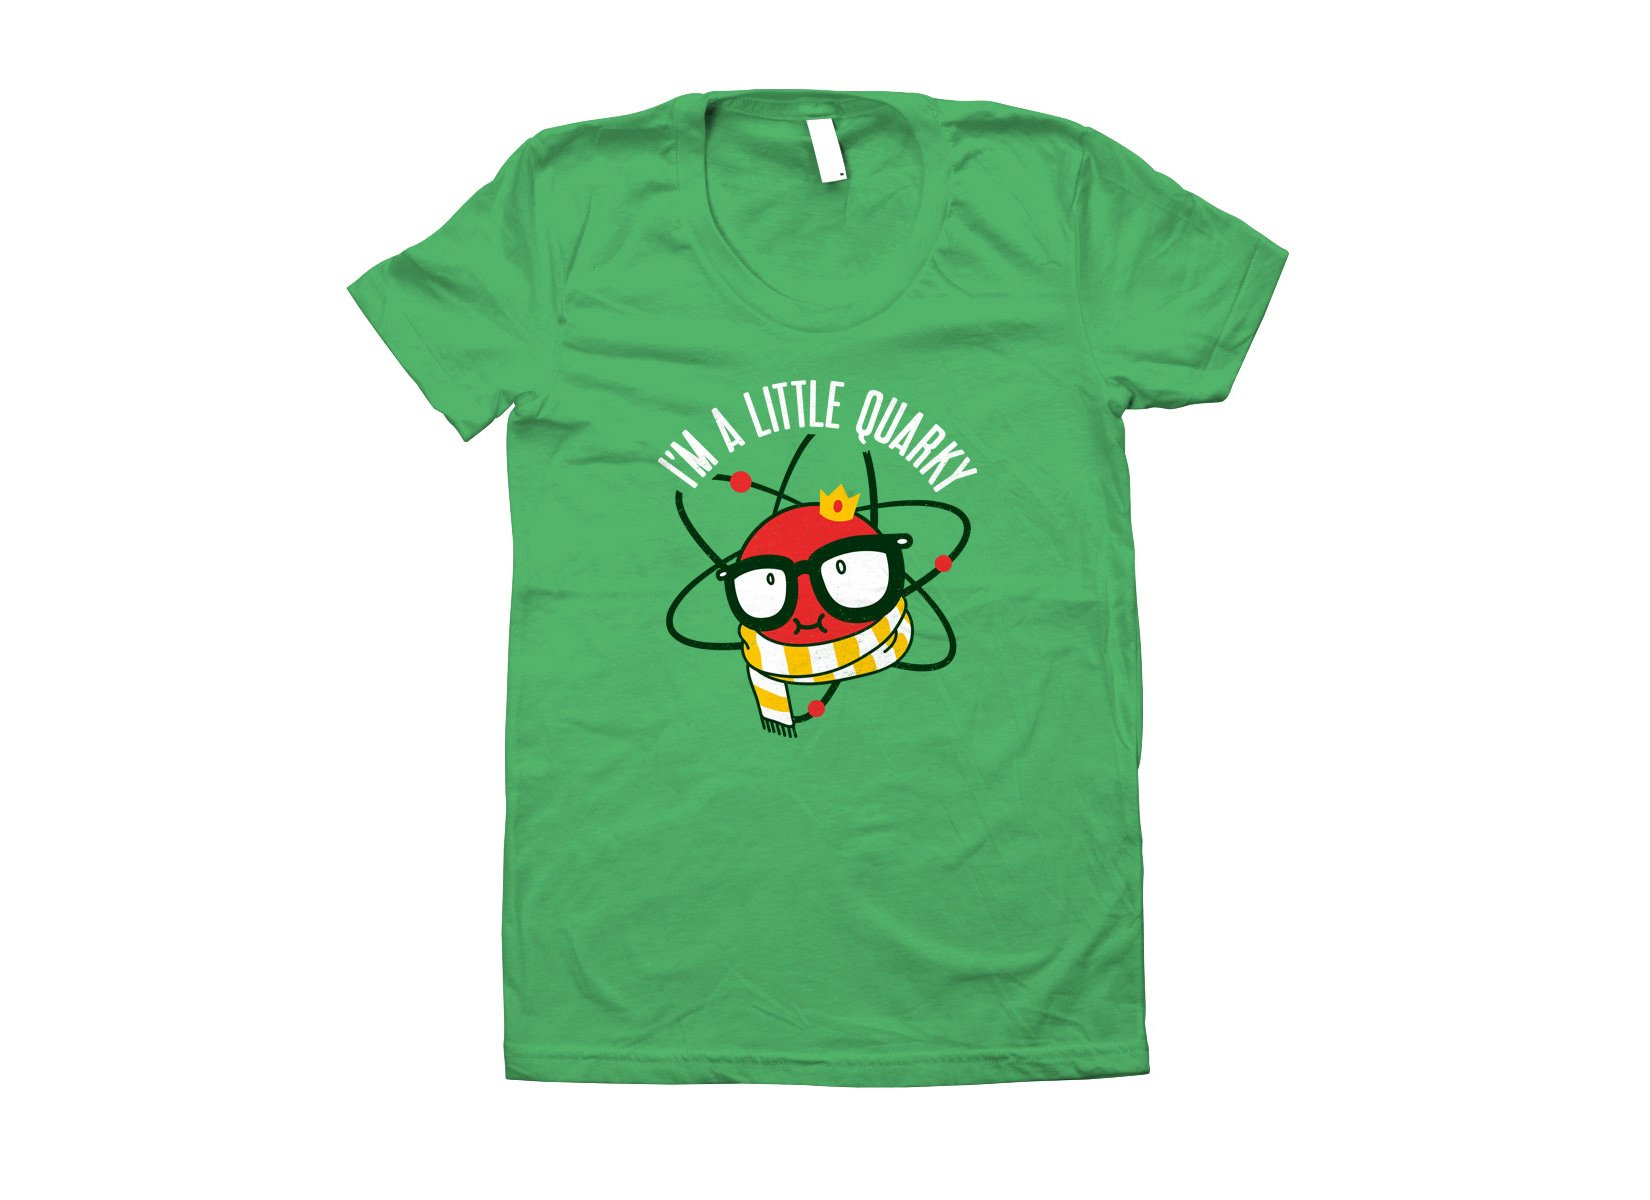 I'm A Little Quarky on Juniors T-Shirt